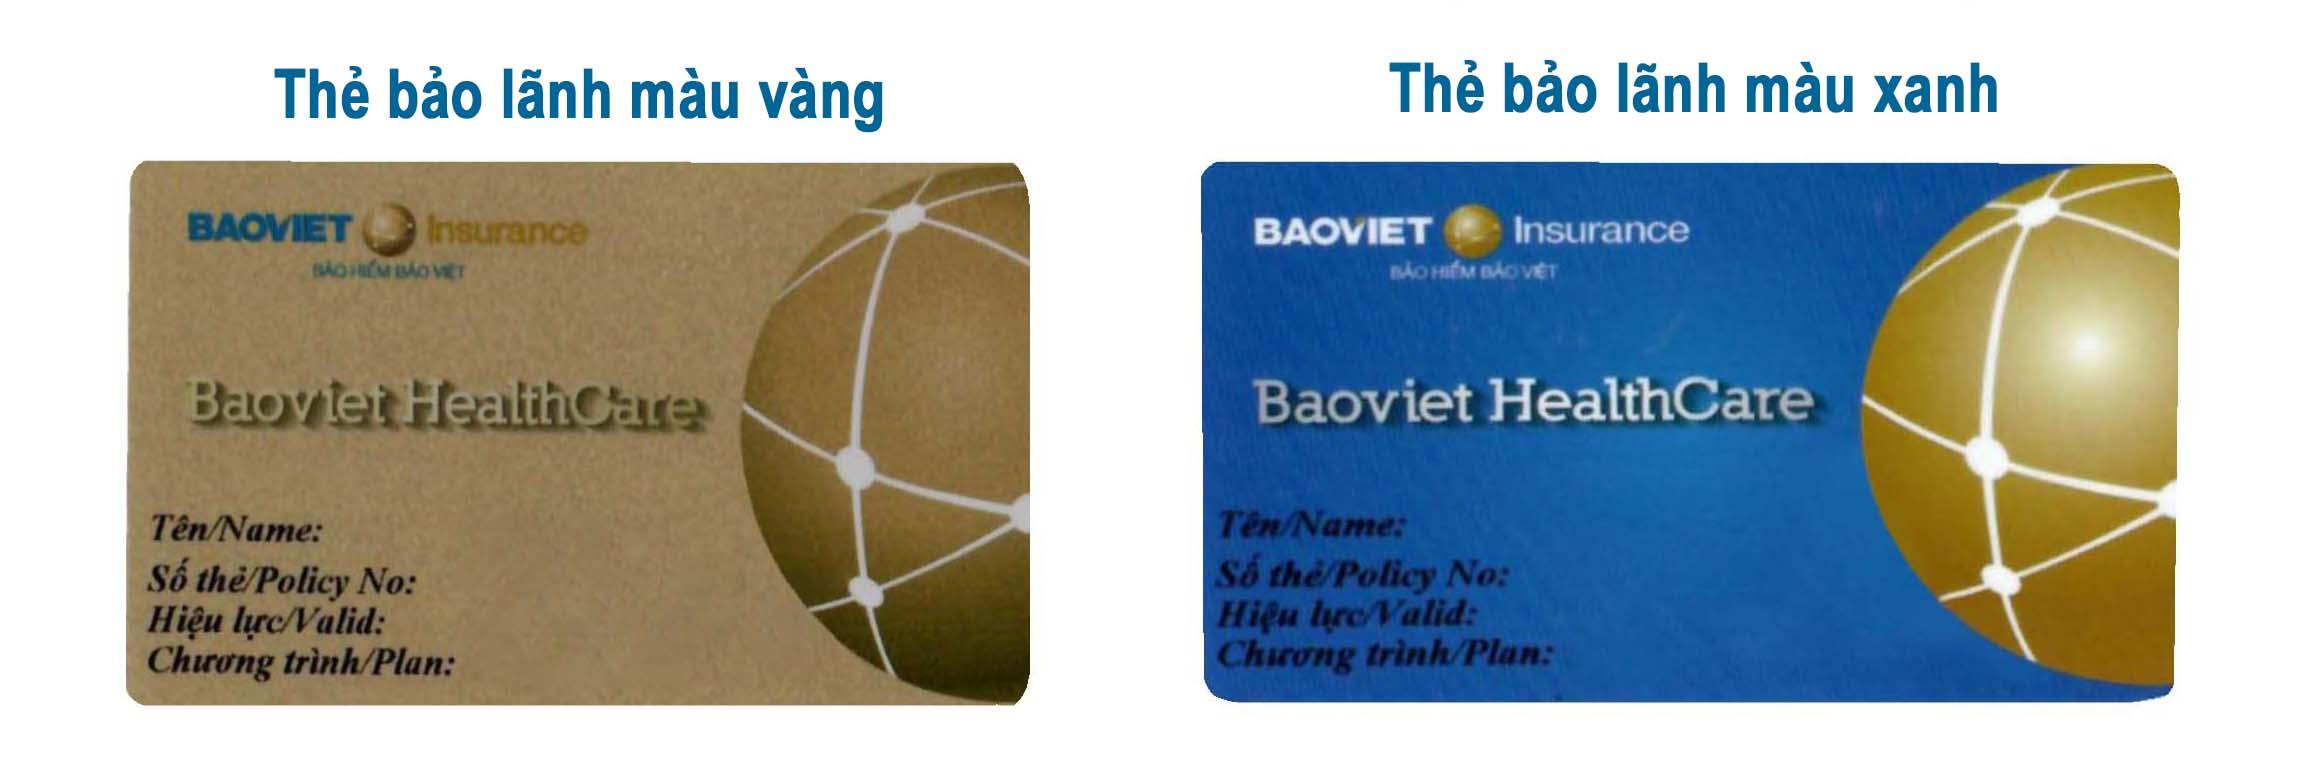 Bảo hiểm y tế tự nguyện Bảo Việt.